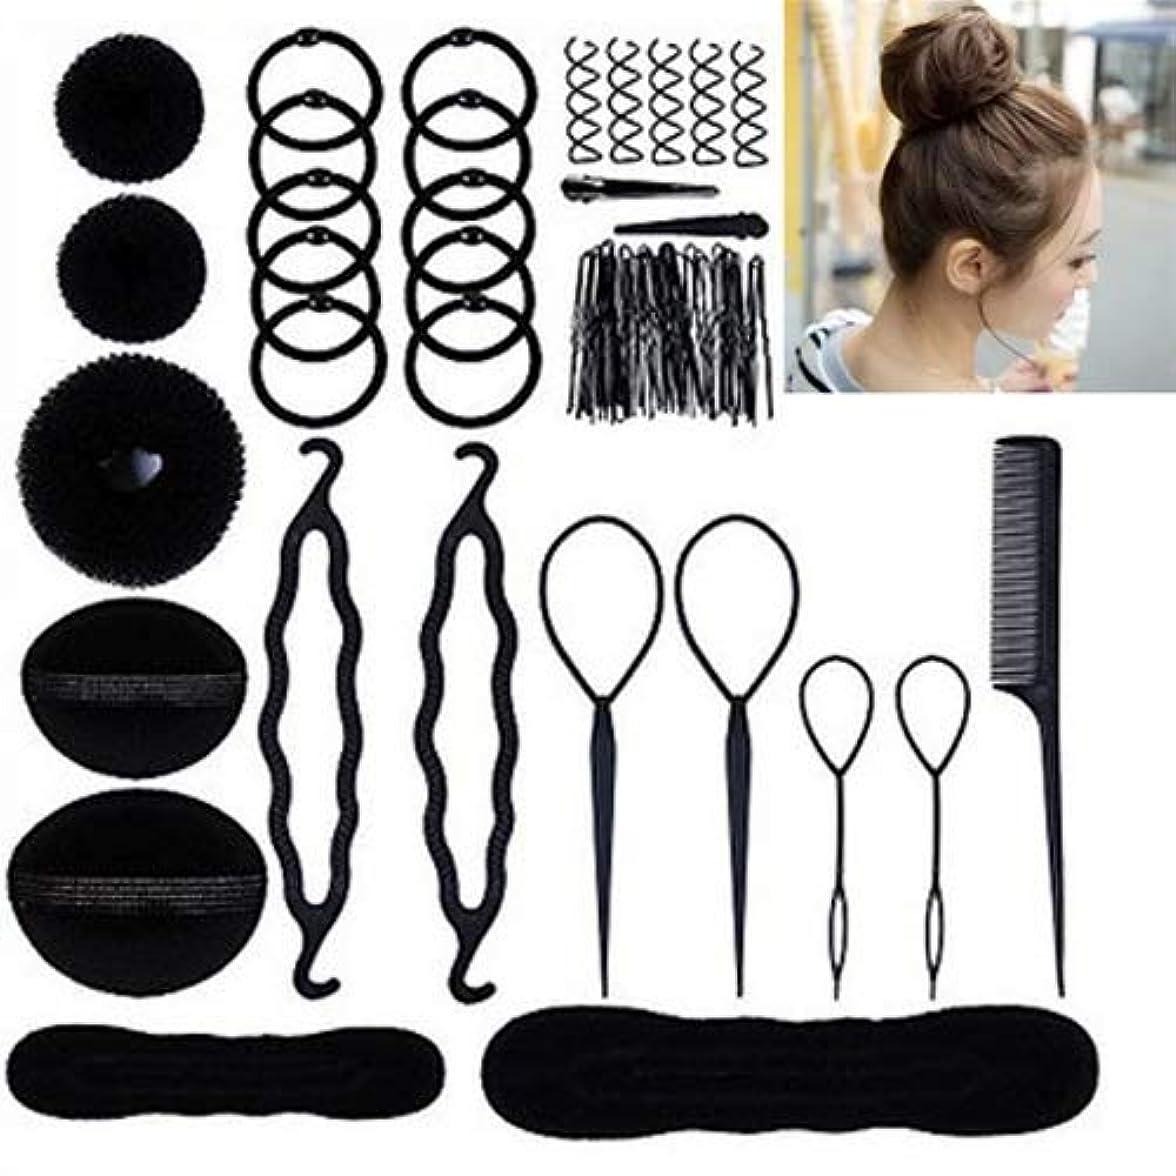 パンサー接辞実業家WTYD 美容ヘアツール 新しい71ヘアアクセサリーセットヘアツール